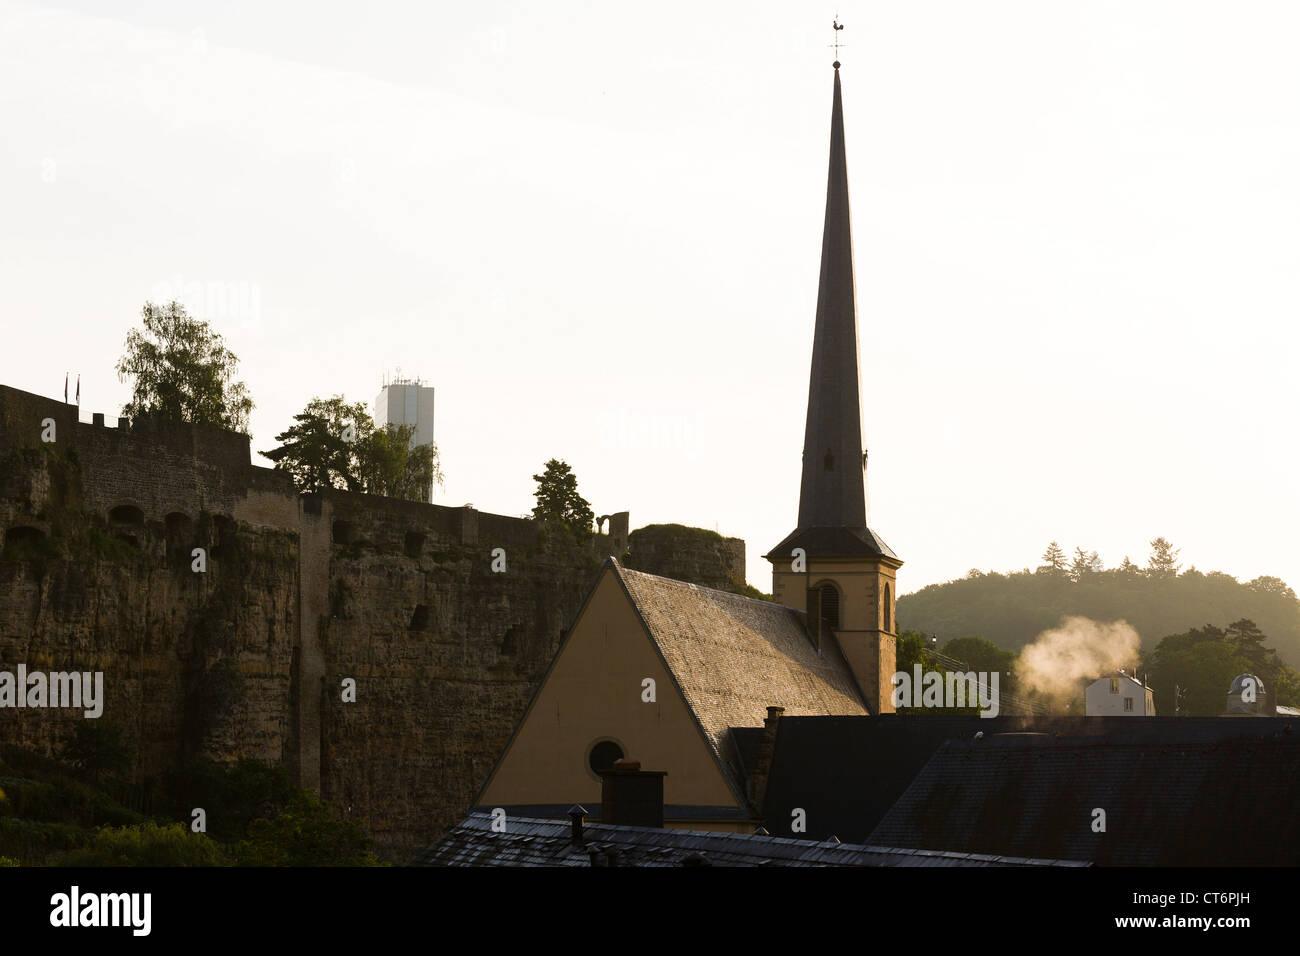 Am frühen Morgen Blick auf die Kirche der Neumünster Abbey in das Viertel Grund und der Bock-Felsen. Stockbild